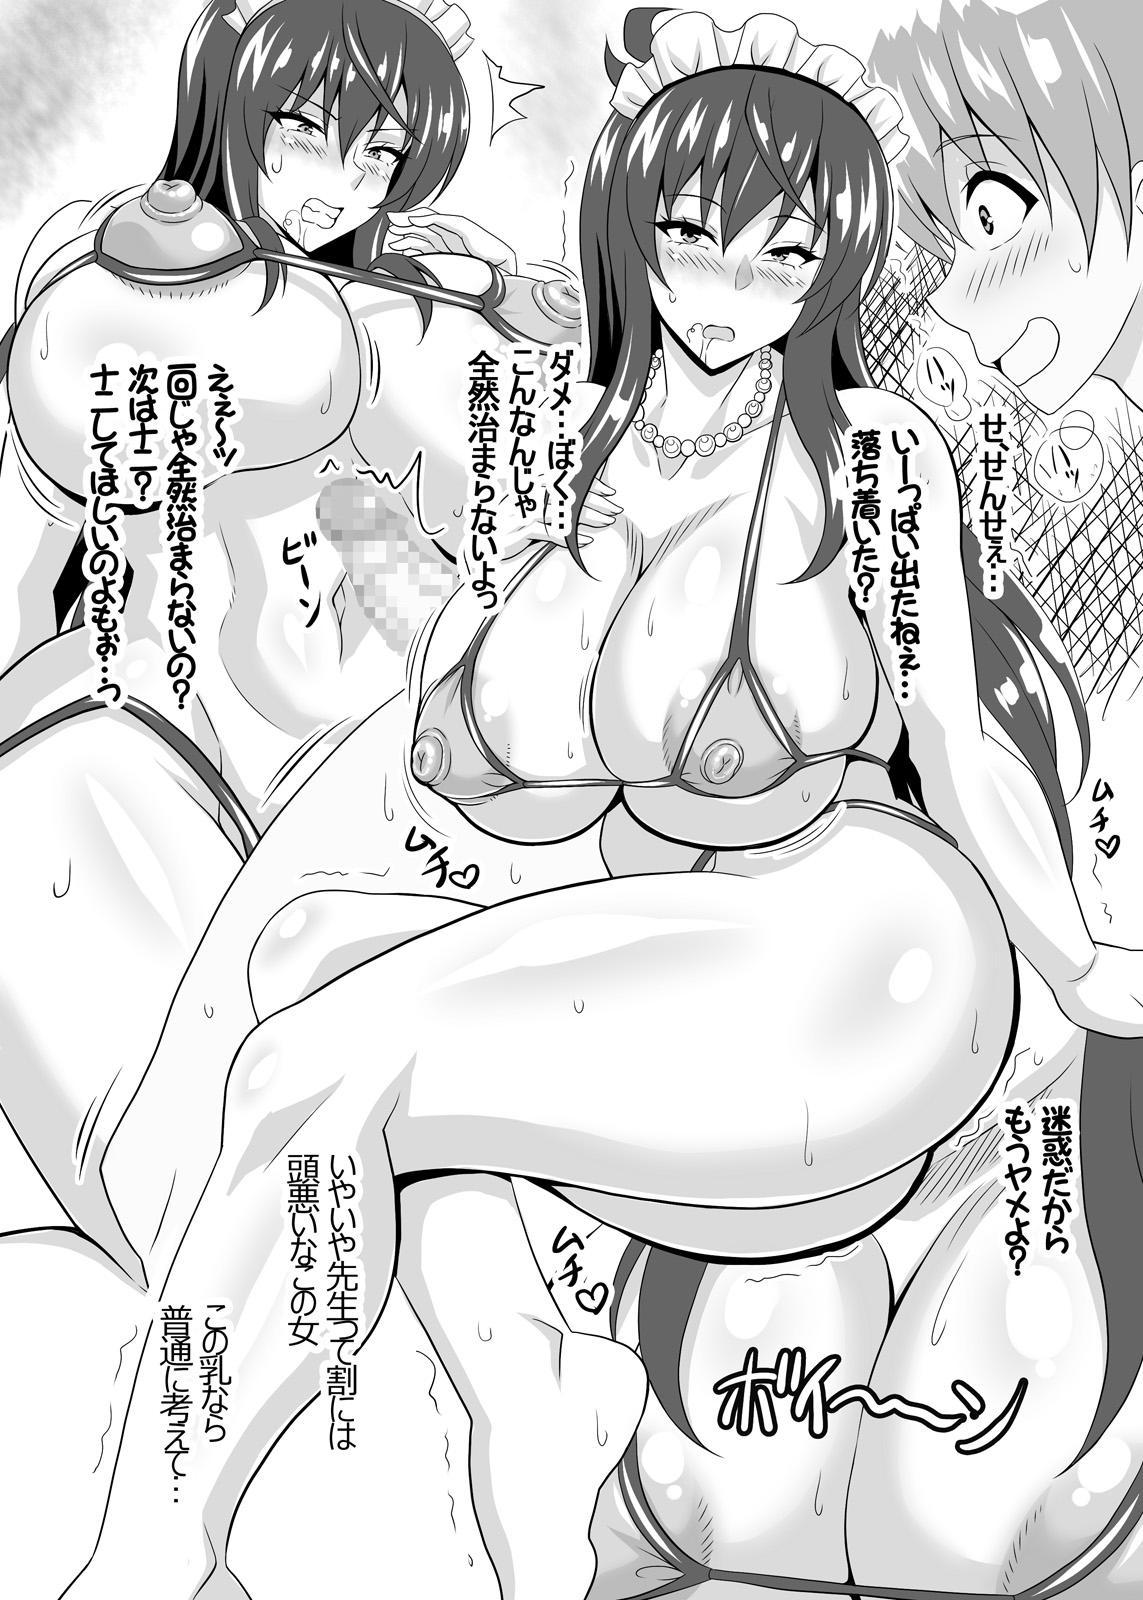 Boku dake no Bakunyuu Ona-maid Manatsu no Short Vacation Yuna Hen 7